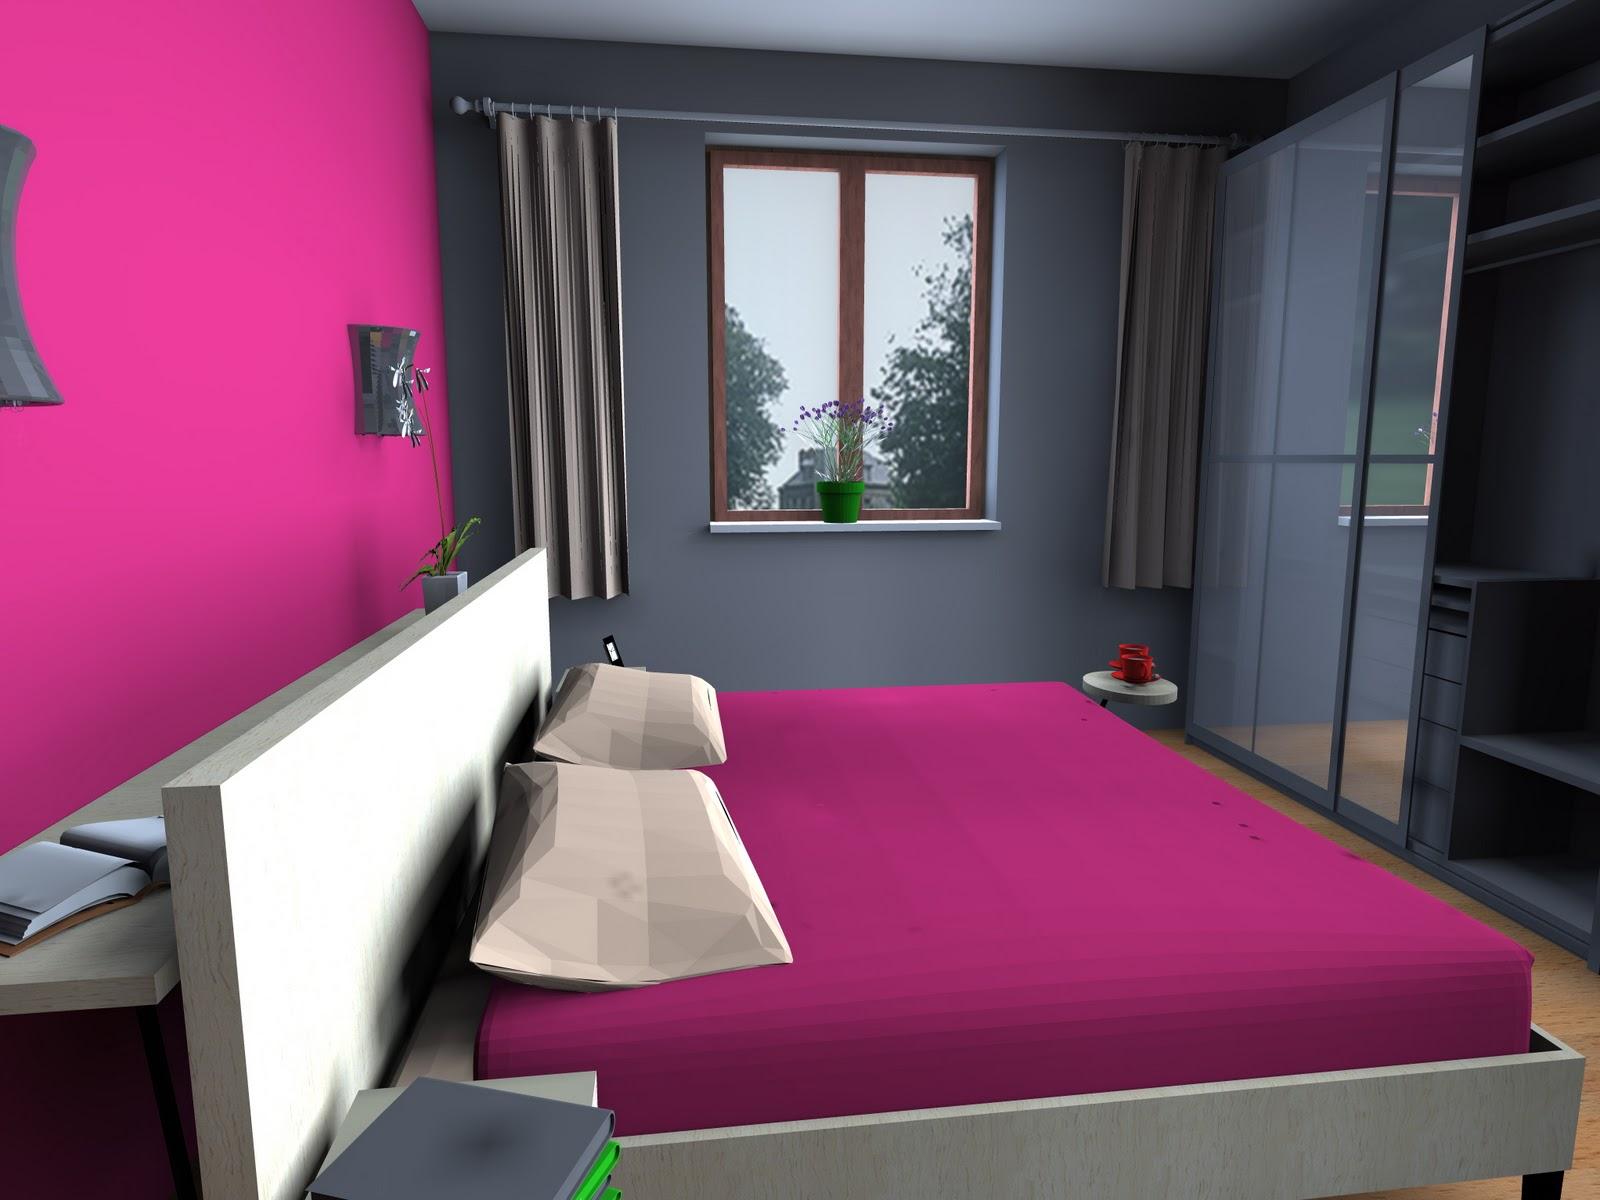 Colori adatti alla camera da letto - Colori adatti alla cucina ...